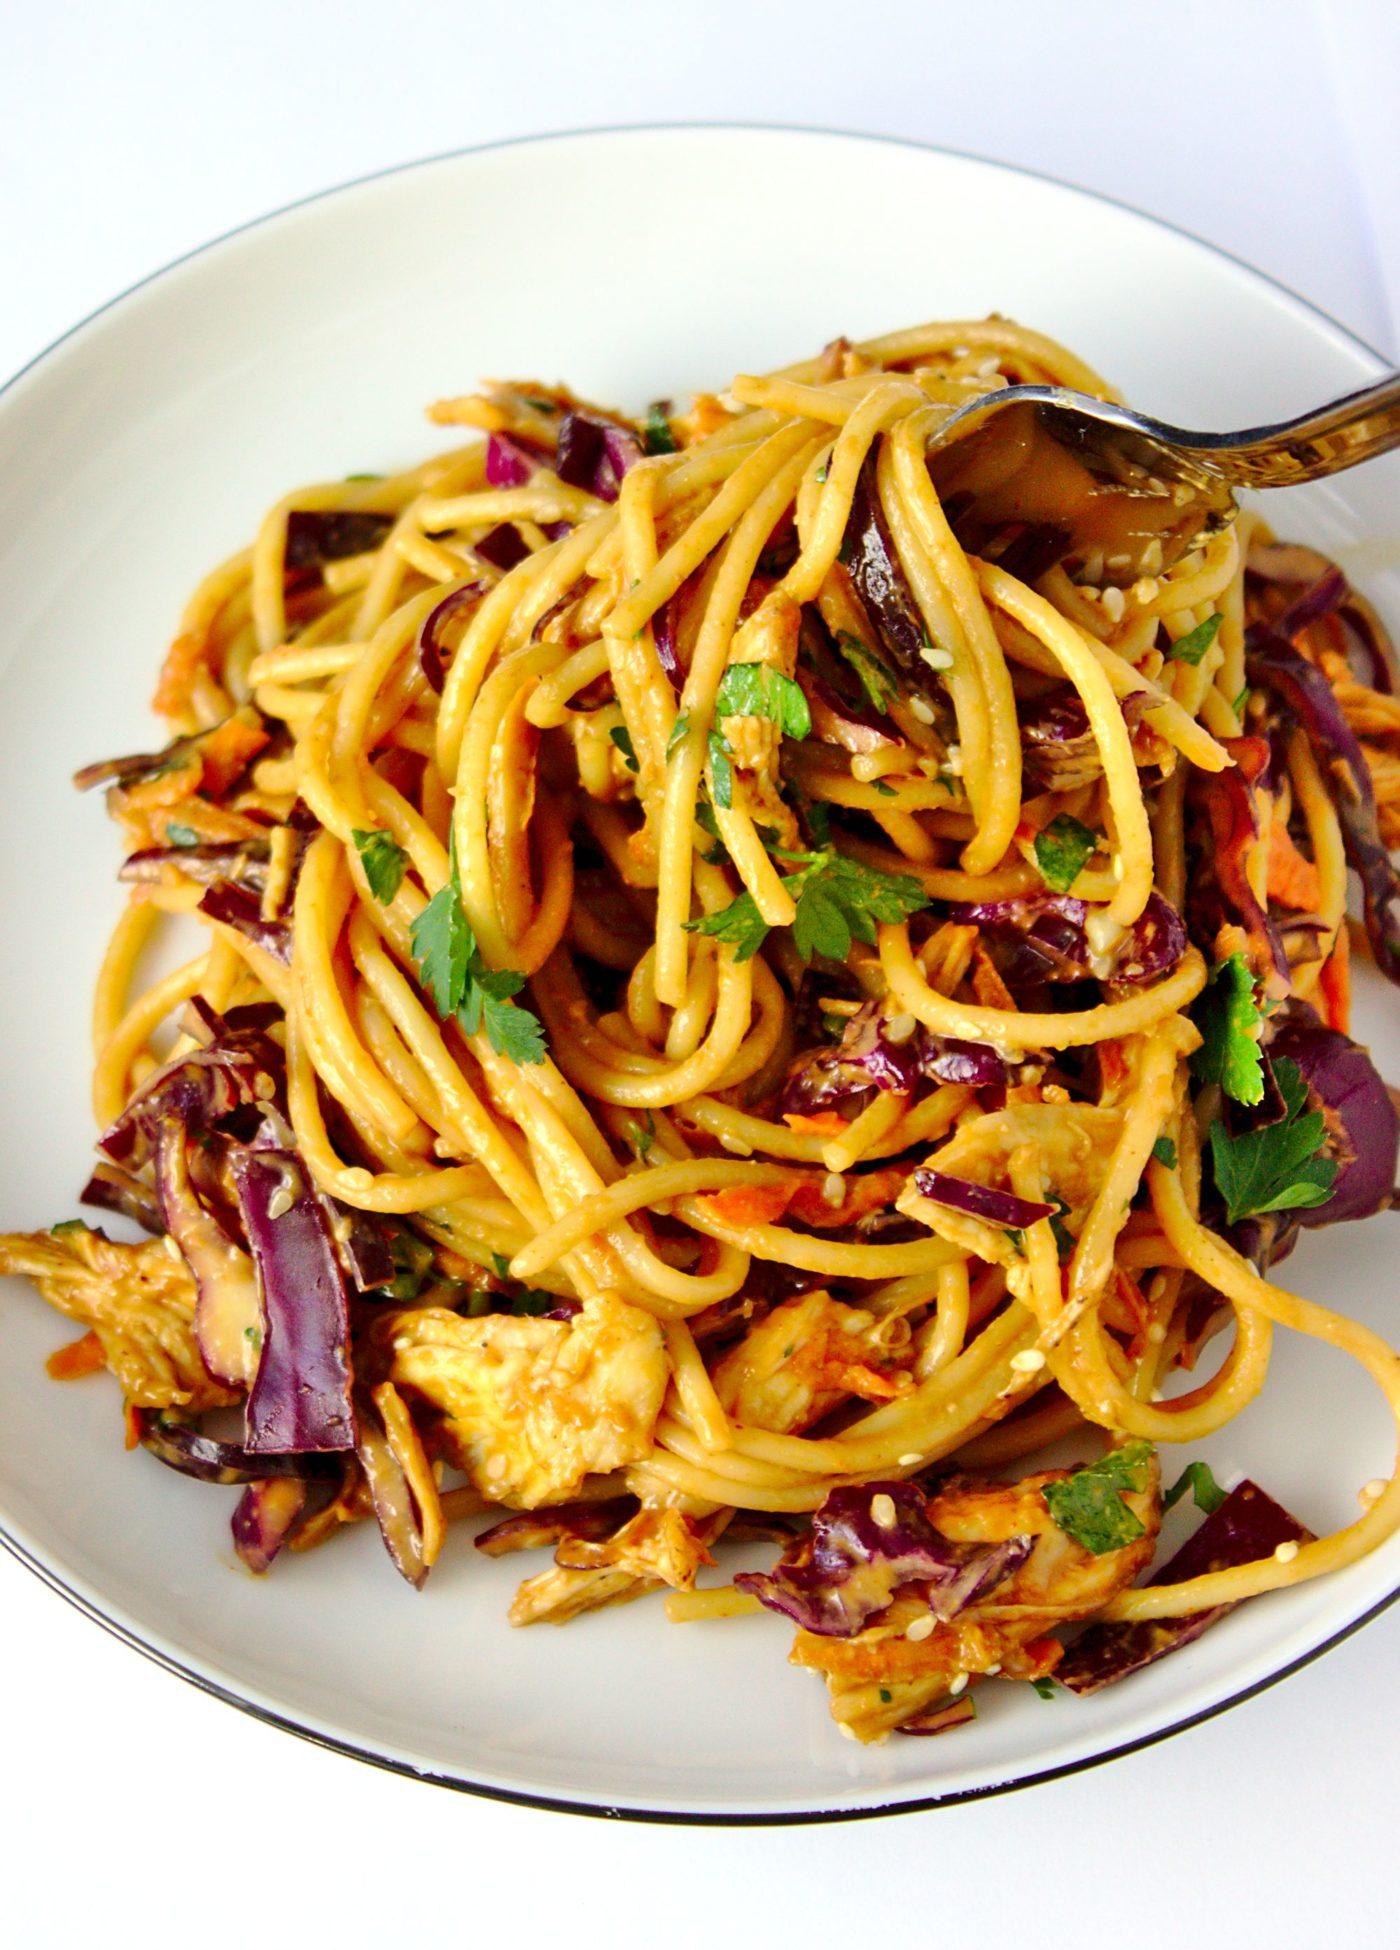 Makaron z kurczakiem po tajsku z sosem słodko-pikantnym. Sałatka makaronowa, posiłek do pracy i szybki obiad na zimno.